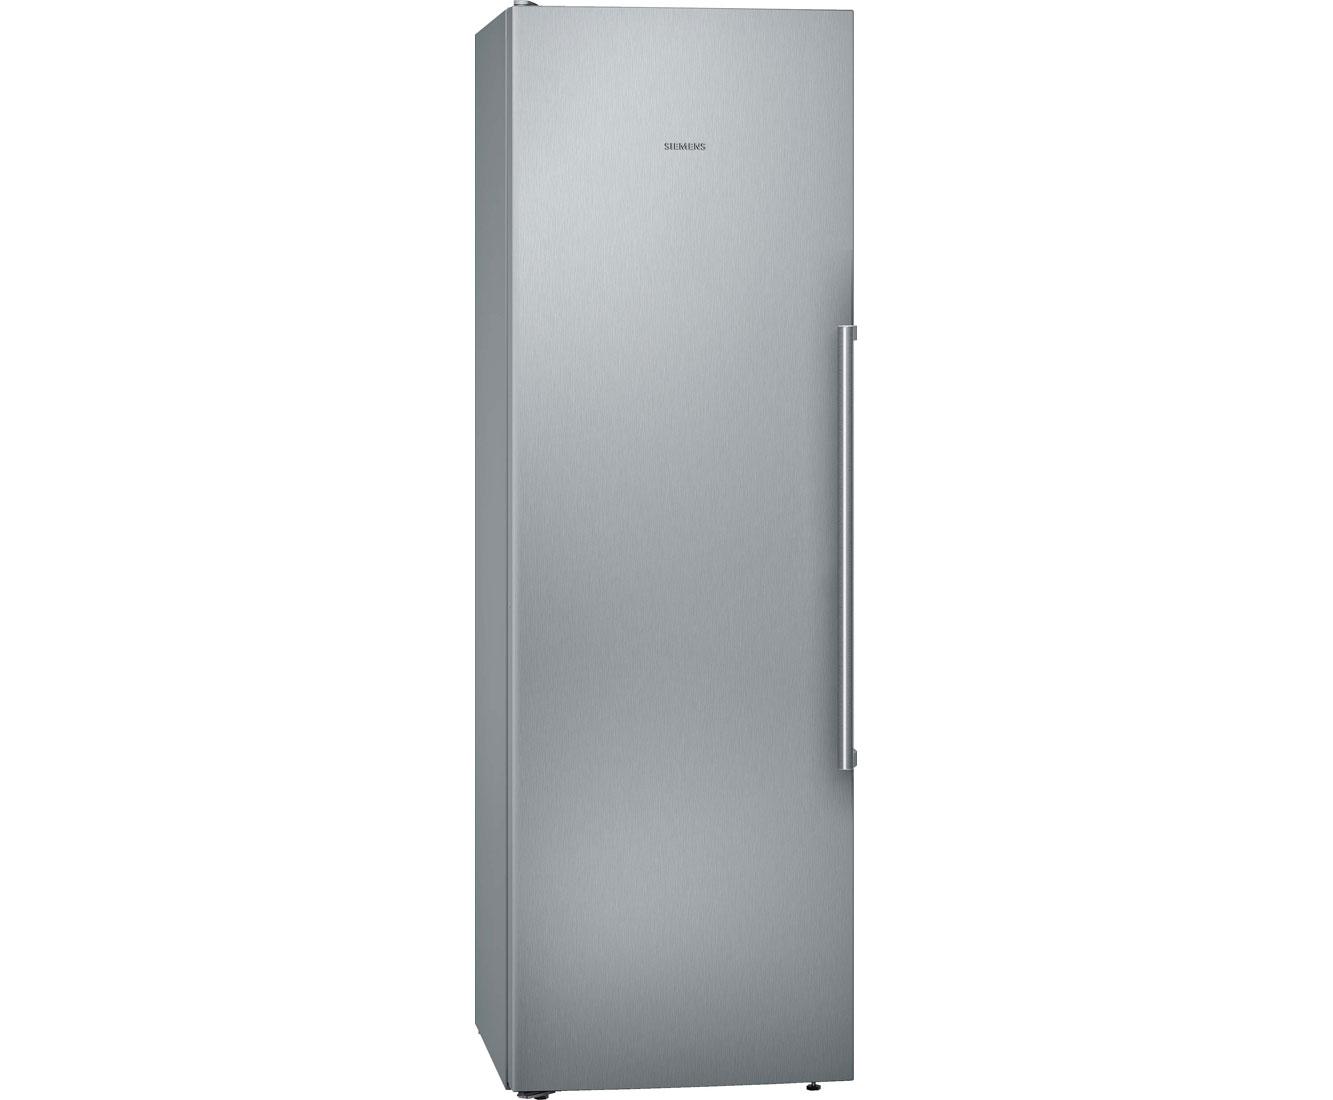 Kühlschrank Klarstein : Klarstein l sg minibar kühlschrank liter a eisfach edelstahl